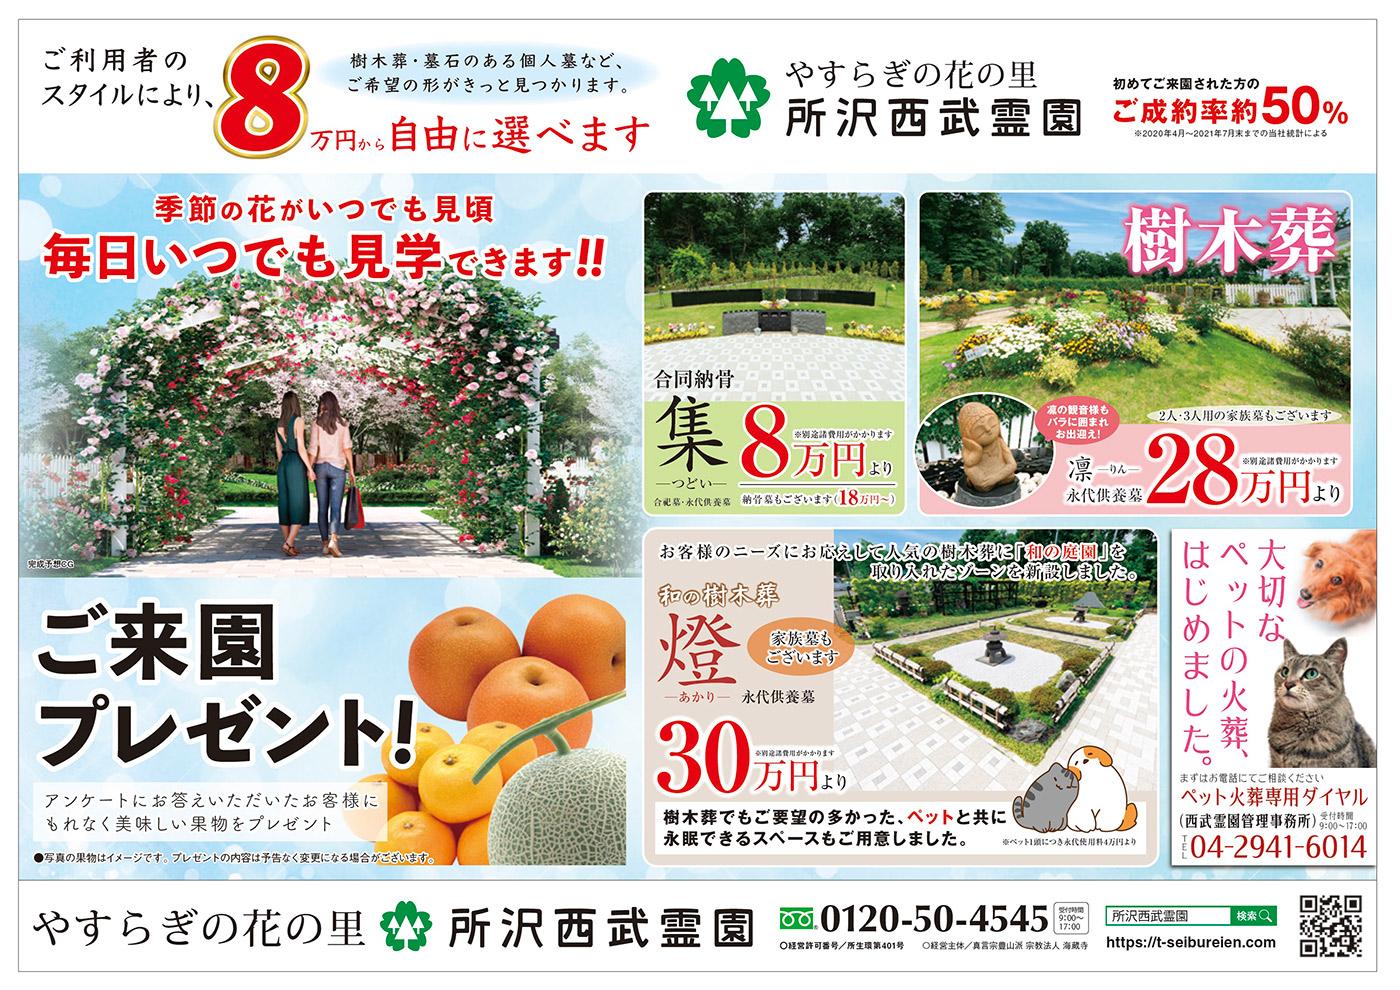 雑誌広告【2021年9月】